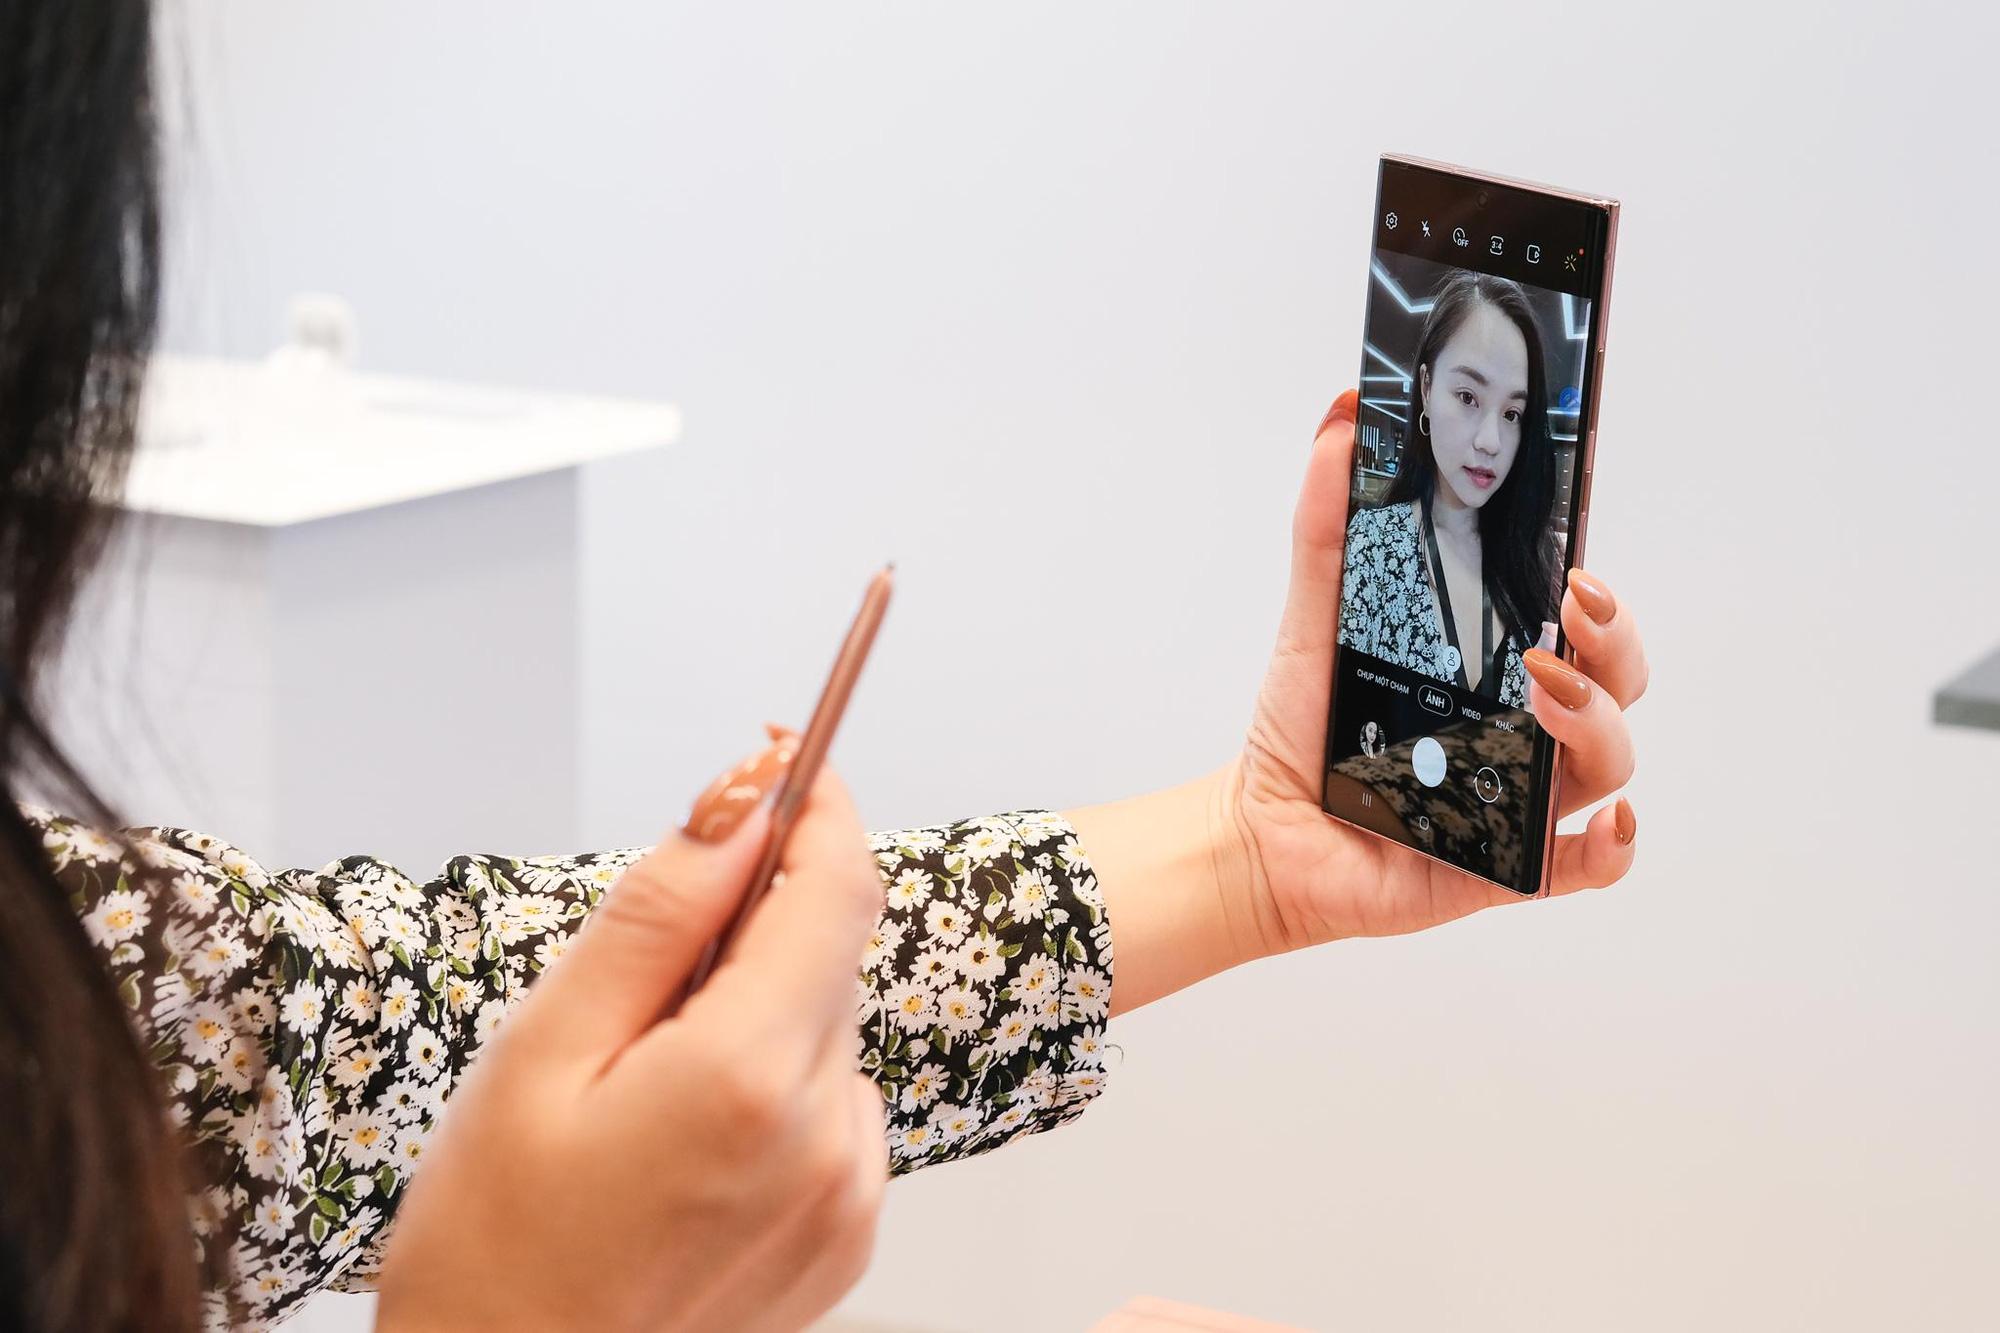 Nhìn lại màn ra mắt siêu phẩm Galaxy Note20: Sẵn sàng đưa thế giới bước vào kỷ nguyên 5G - Ảnh 5.